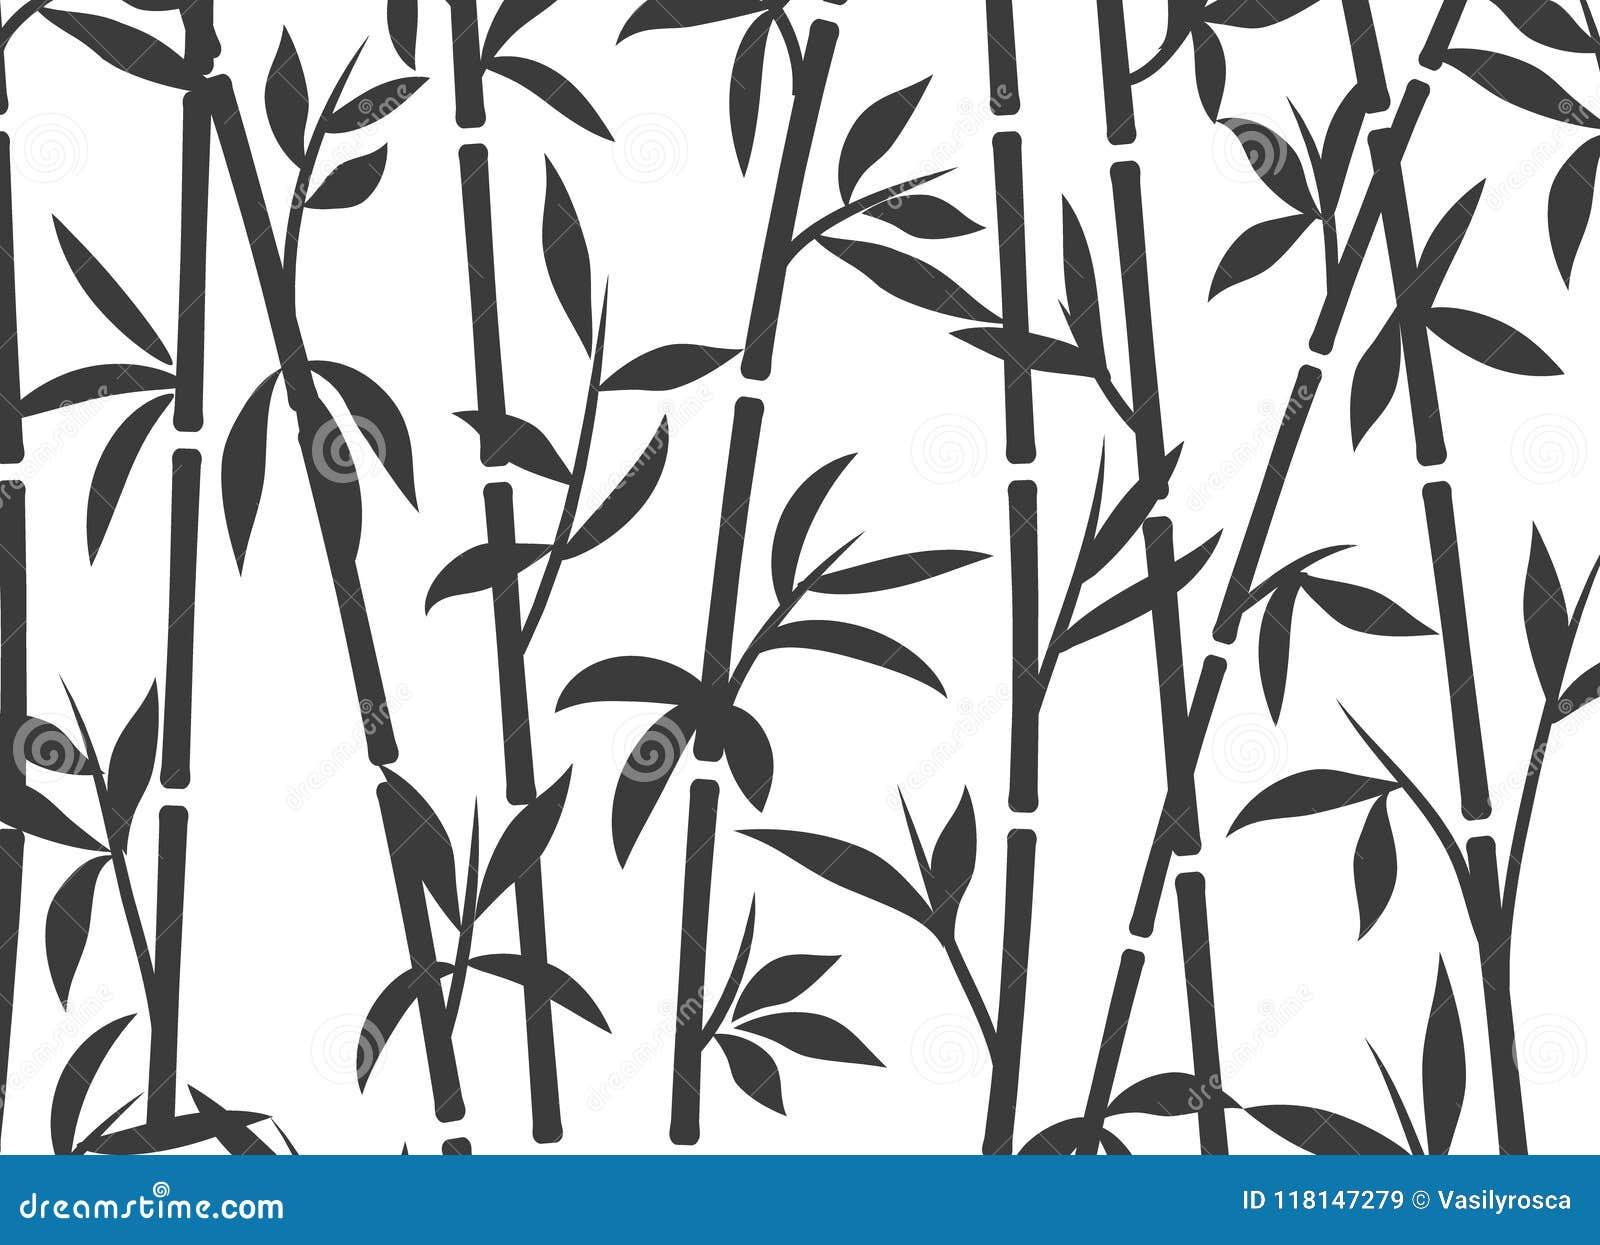 Трава обоев завода бамбуковой предпосылки японская азиатская Бамбуковая картина вектора дерева черно-белая